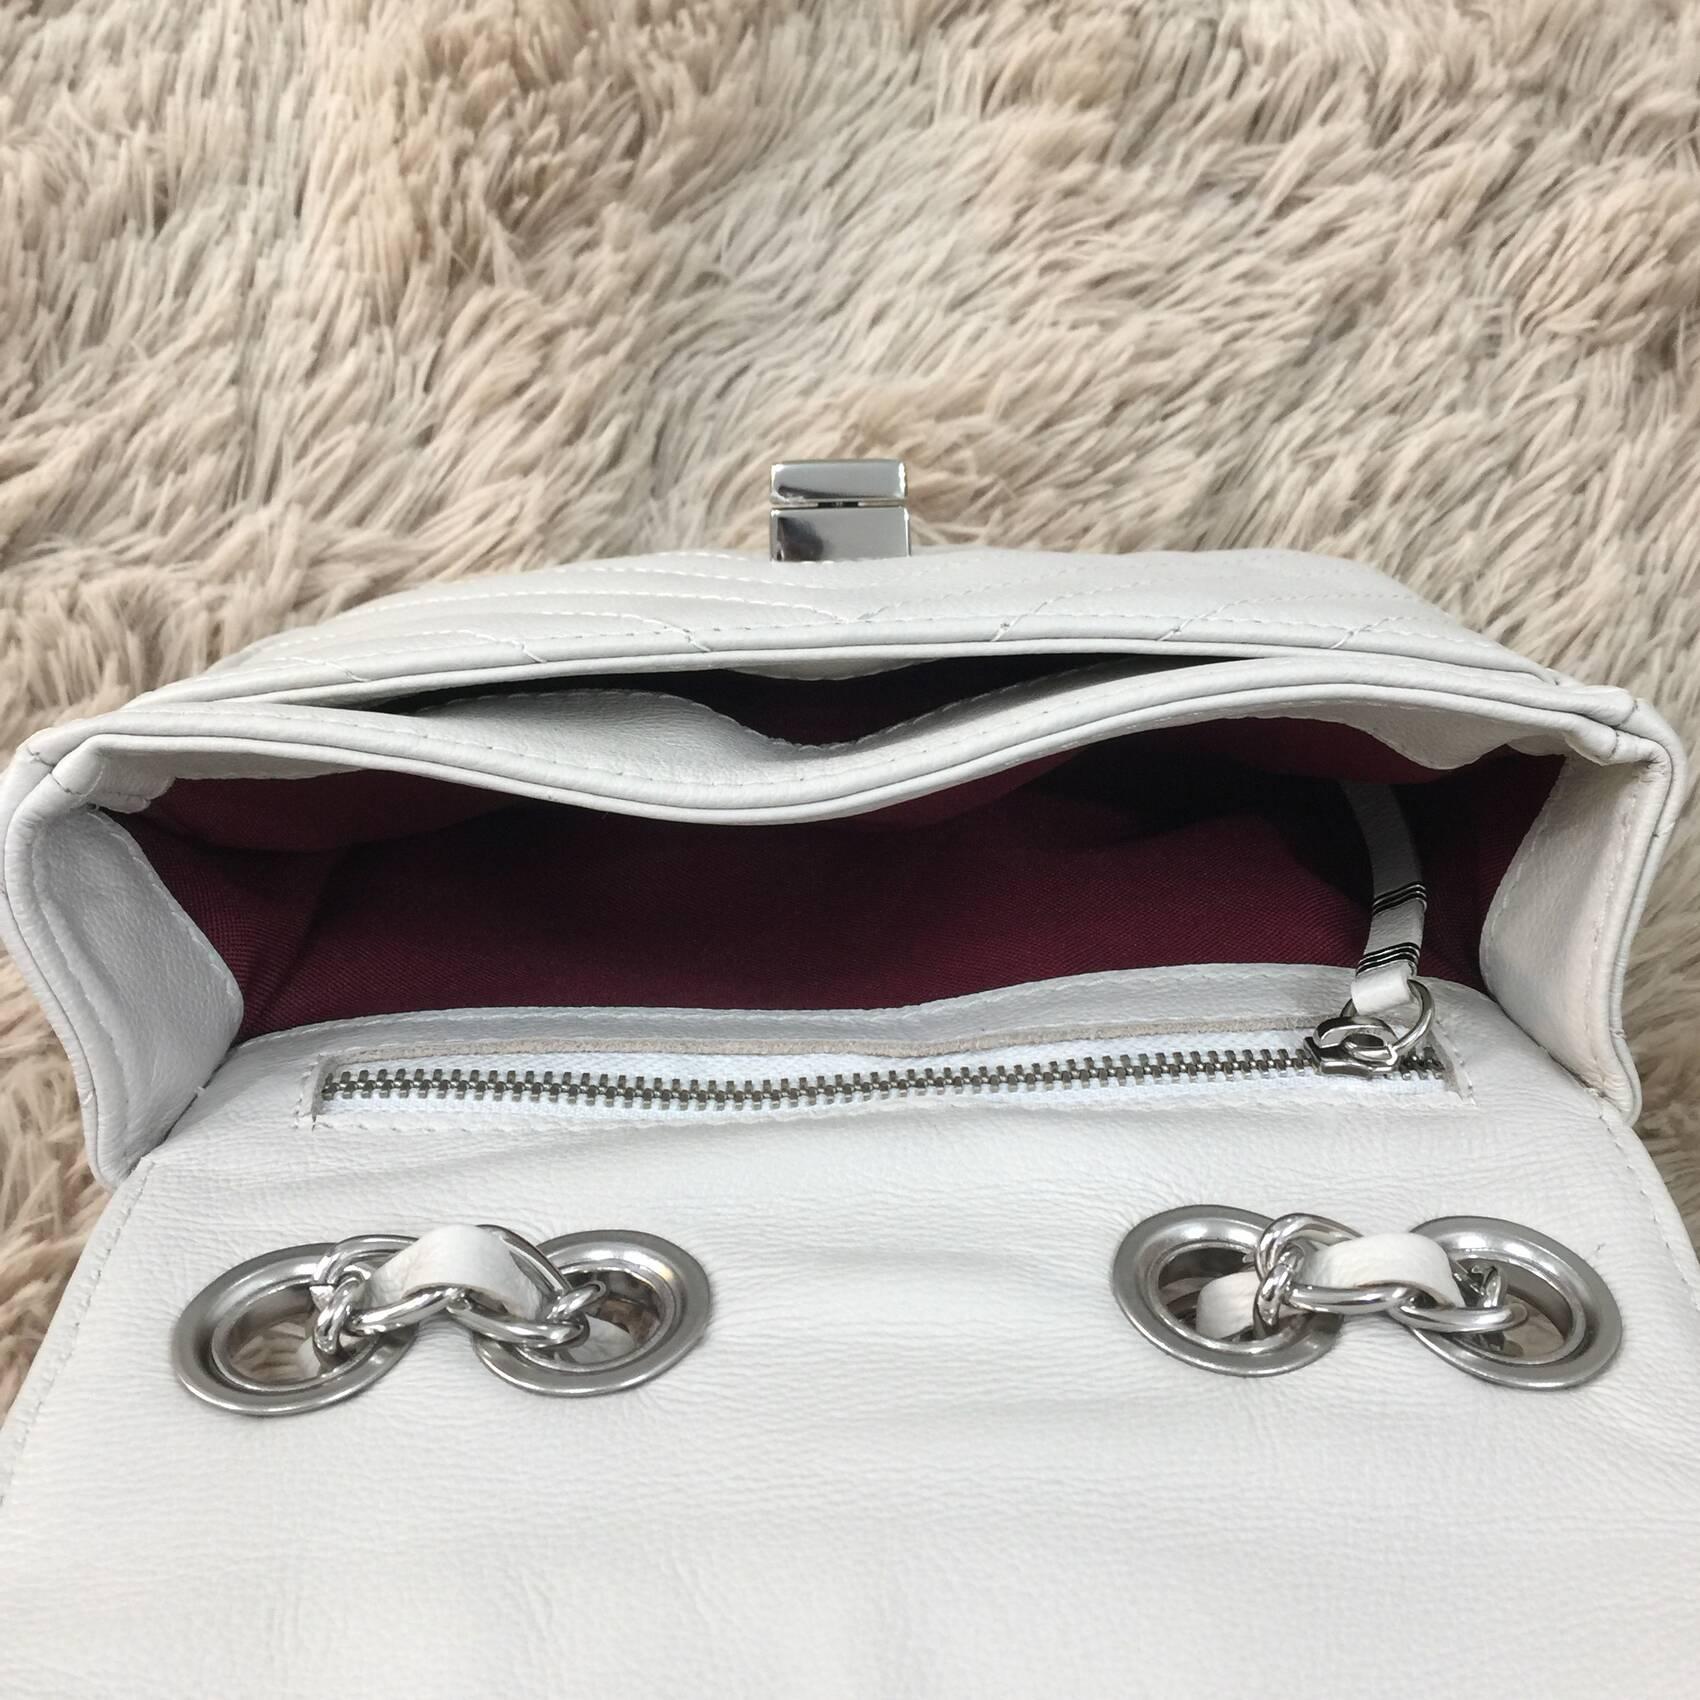 VERSALHES PEQUENA Bolsa de corrente em couro legítimo branca off-white matelassê chevron